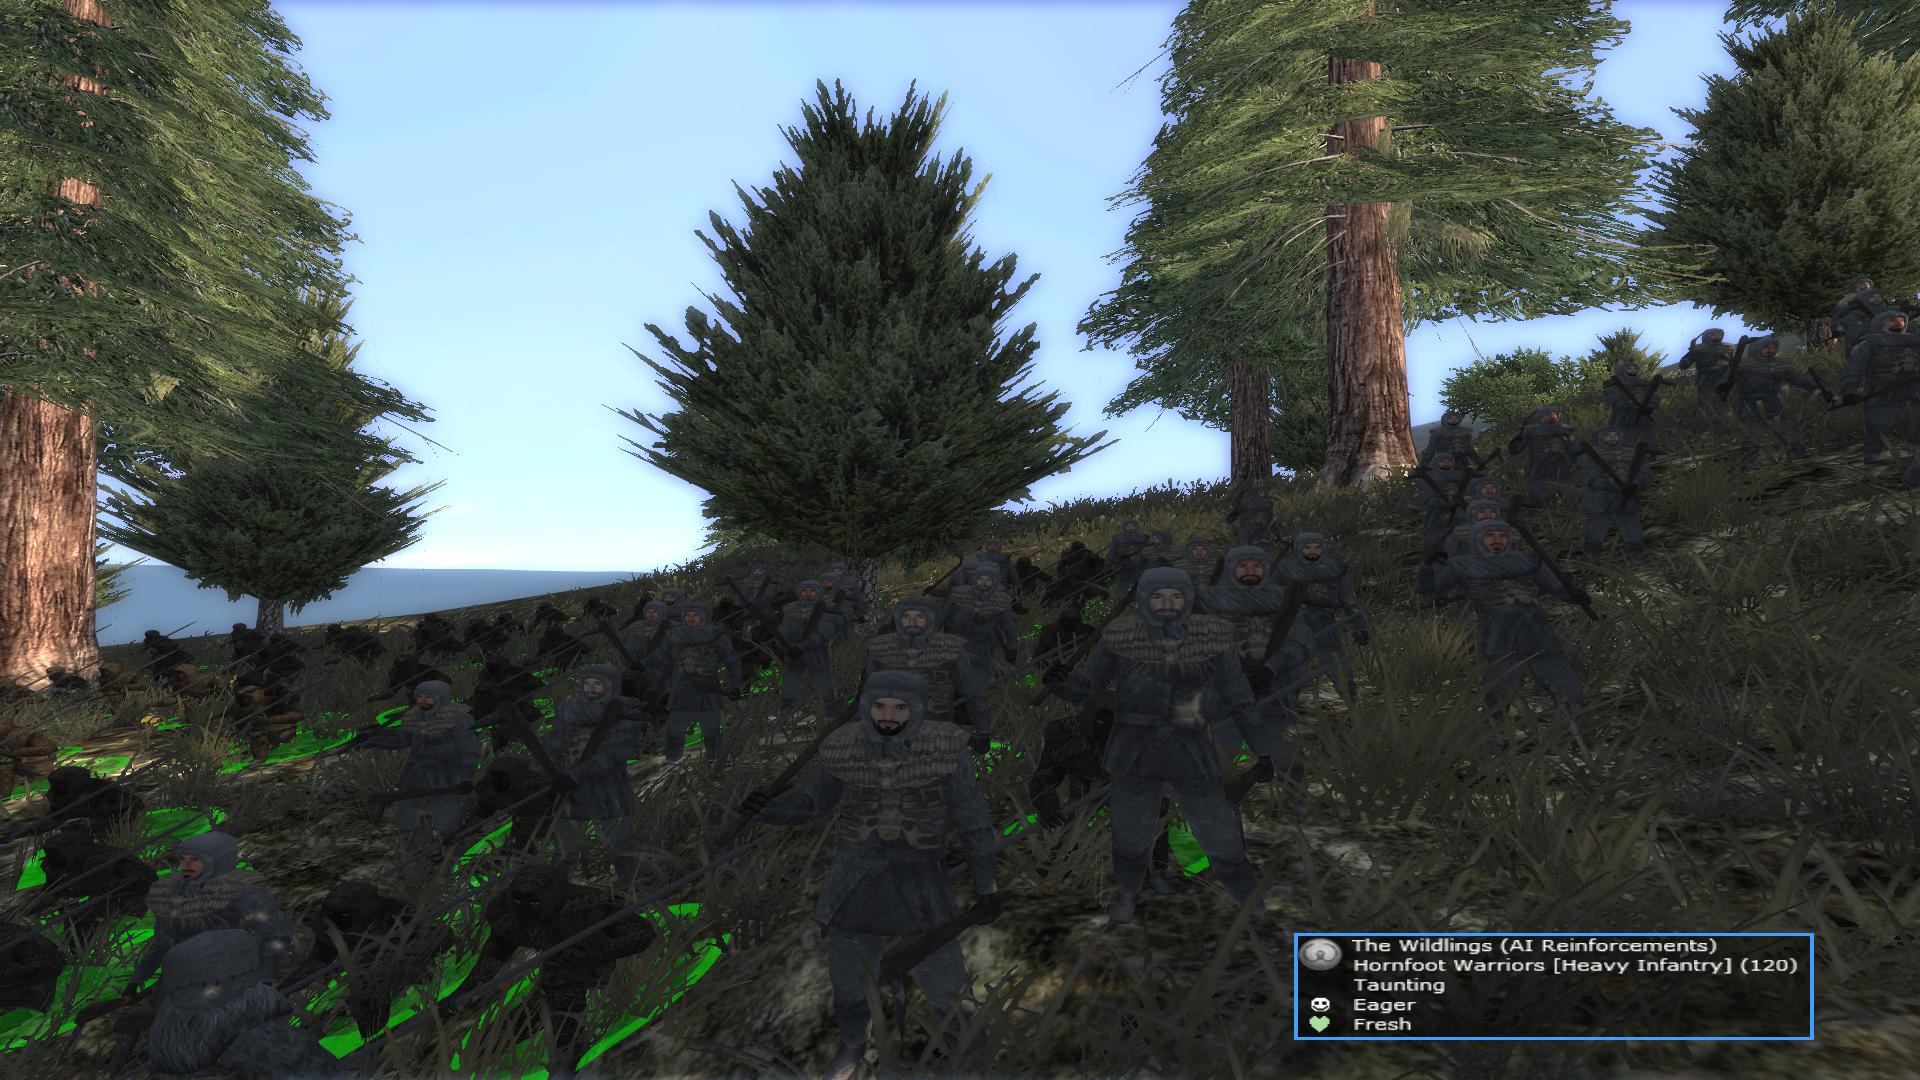 Hornfoot Warriors (By Firestorm)